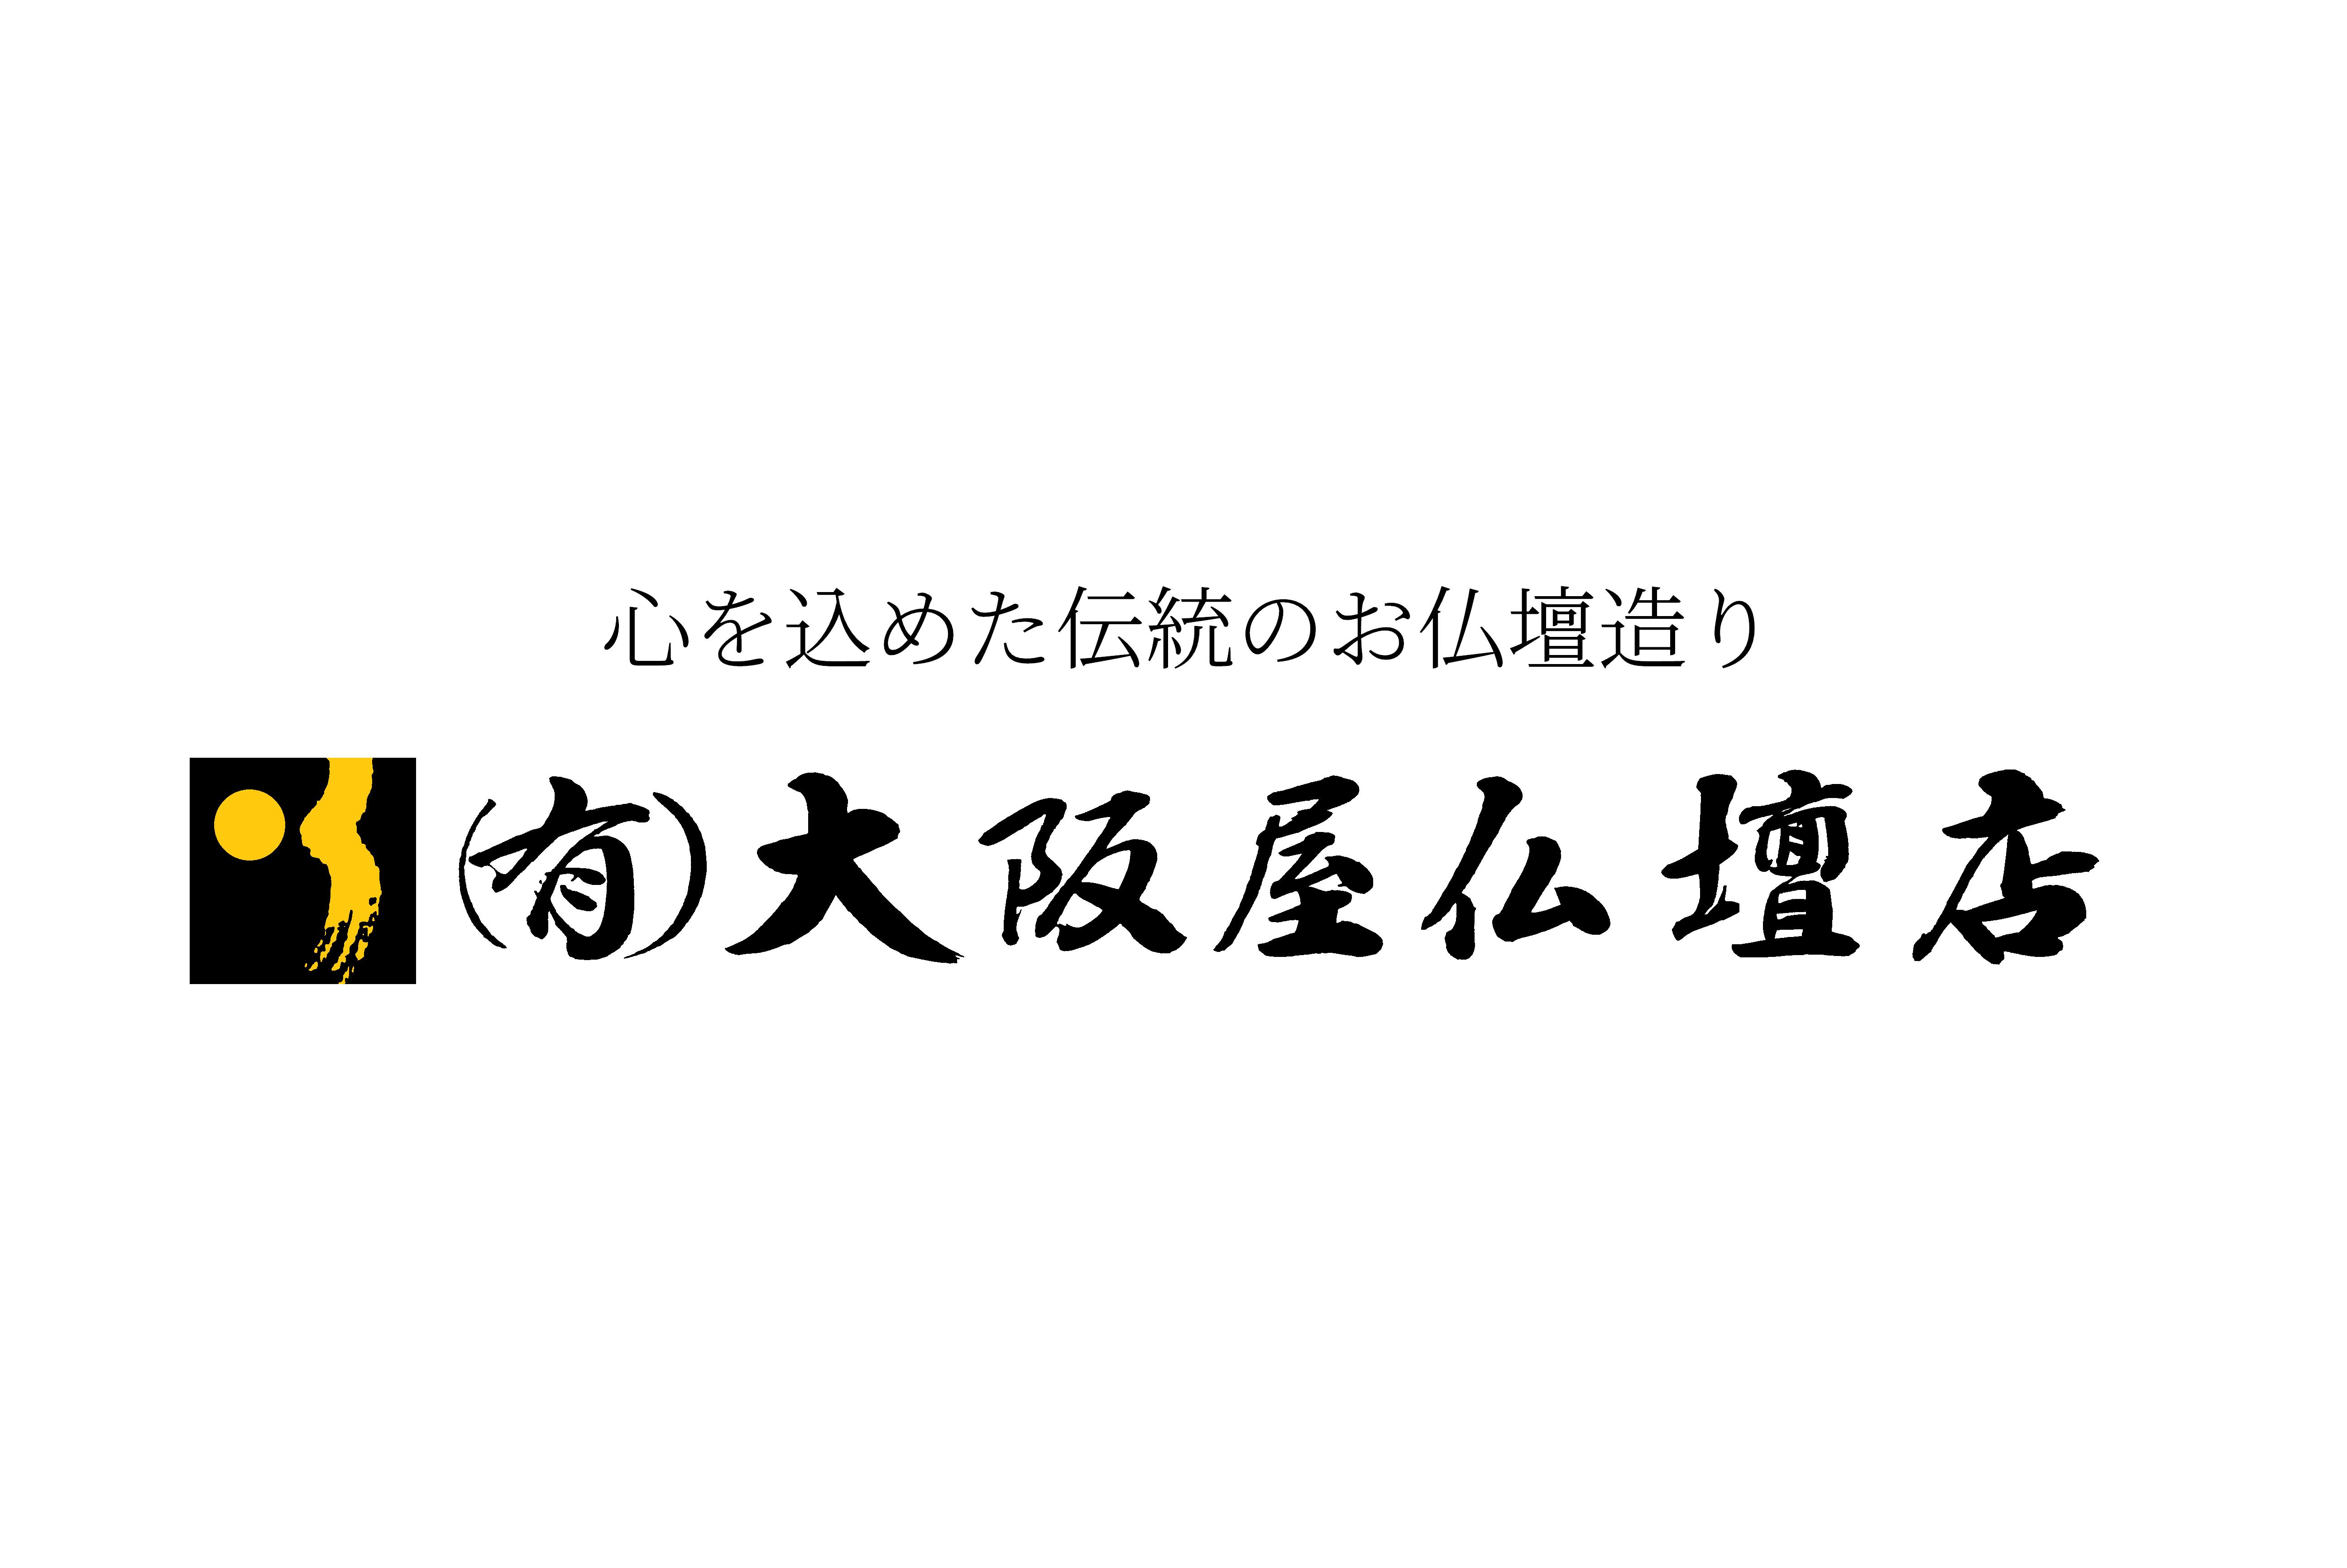 大阪屋仏壇店 rogo big kkr